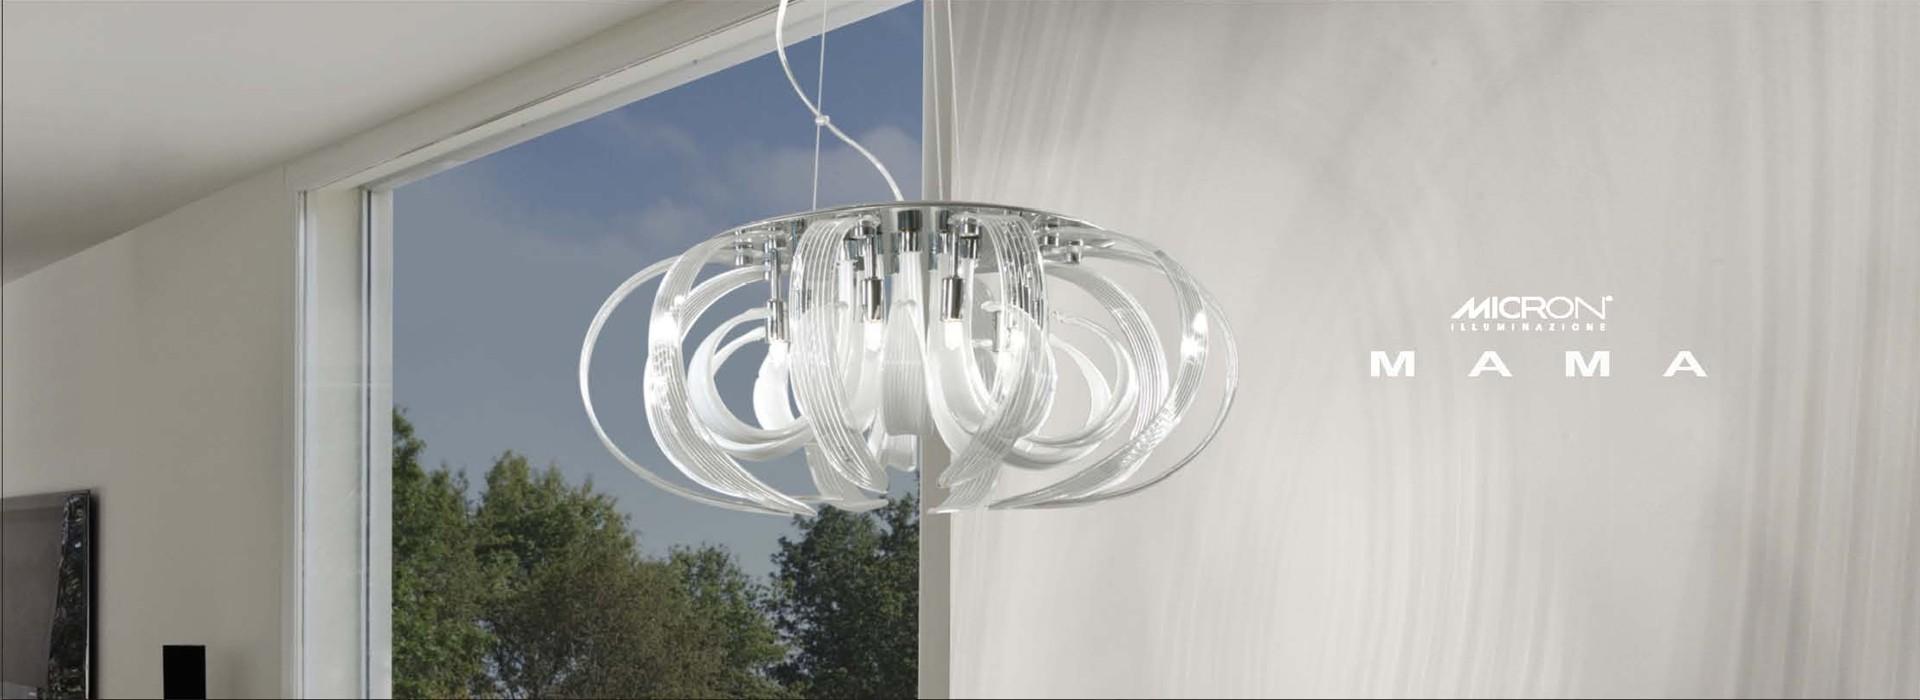 Illuminazione Di Design.Micron Home Lighting Illuminazione Di Design Dal 1987